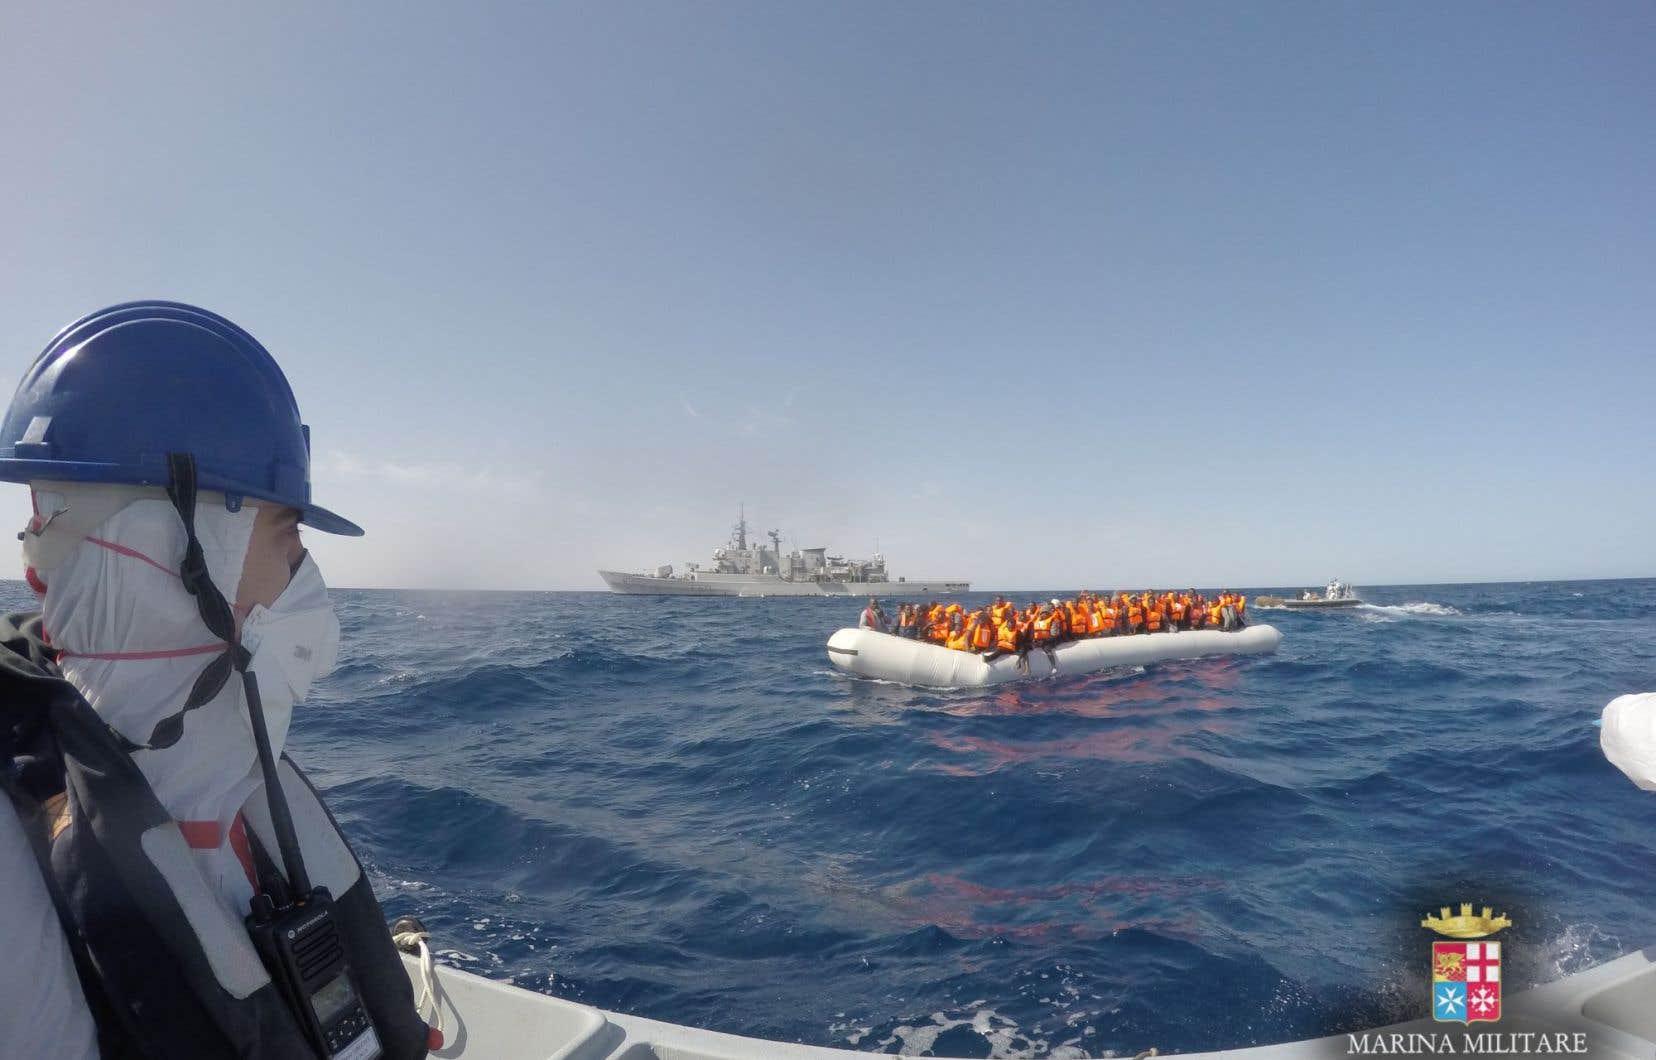 Après plusieurs semaines de calme relatif, plus de 3600 migrants ont été secourus depuis mardi et conduits en Italie.